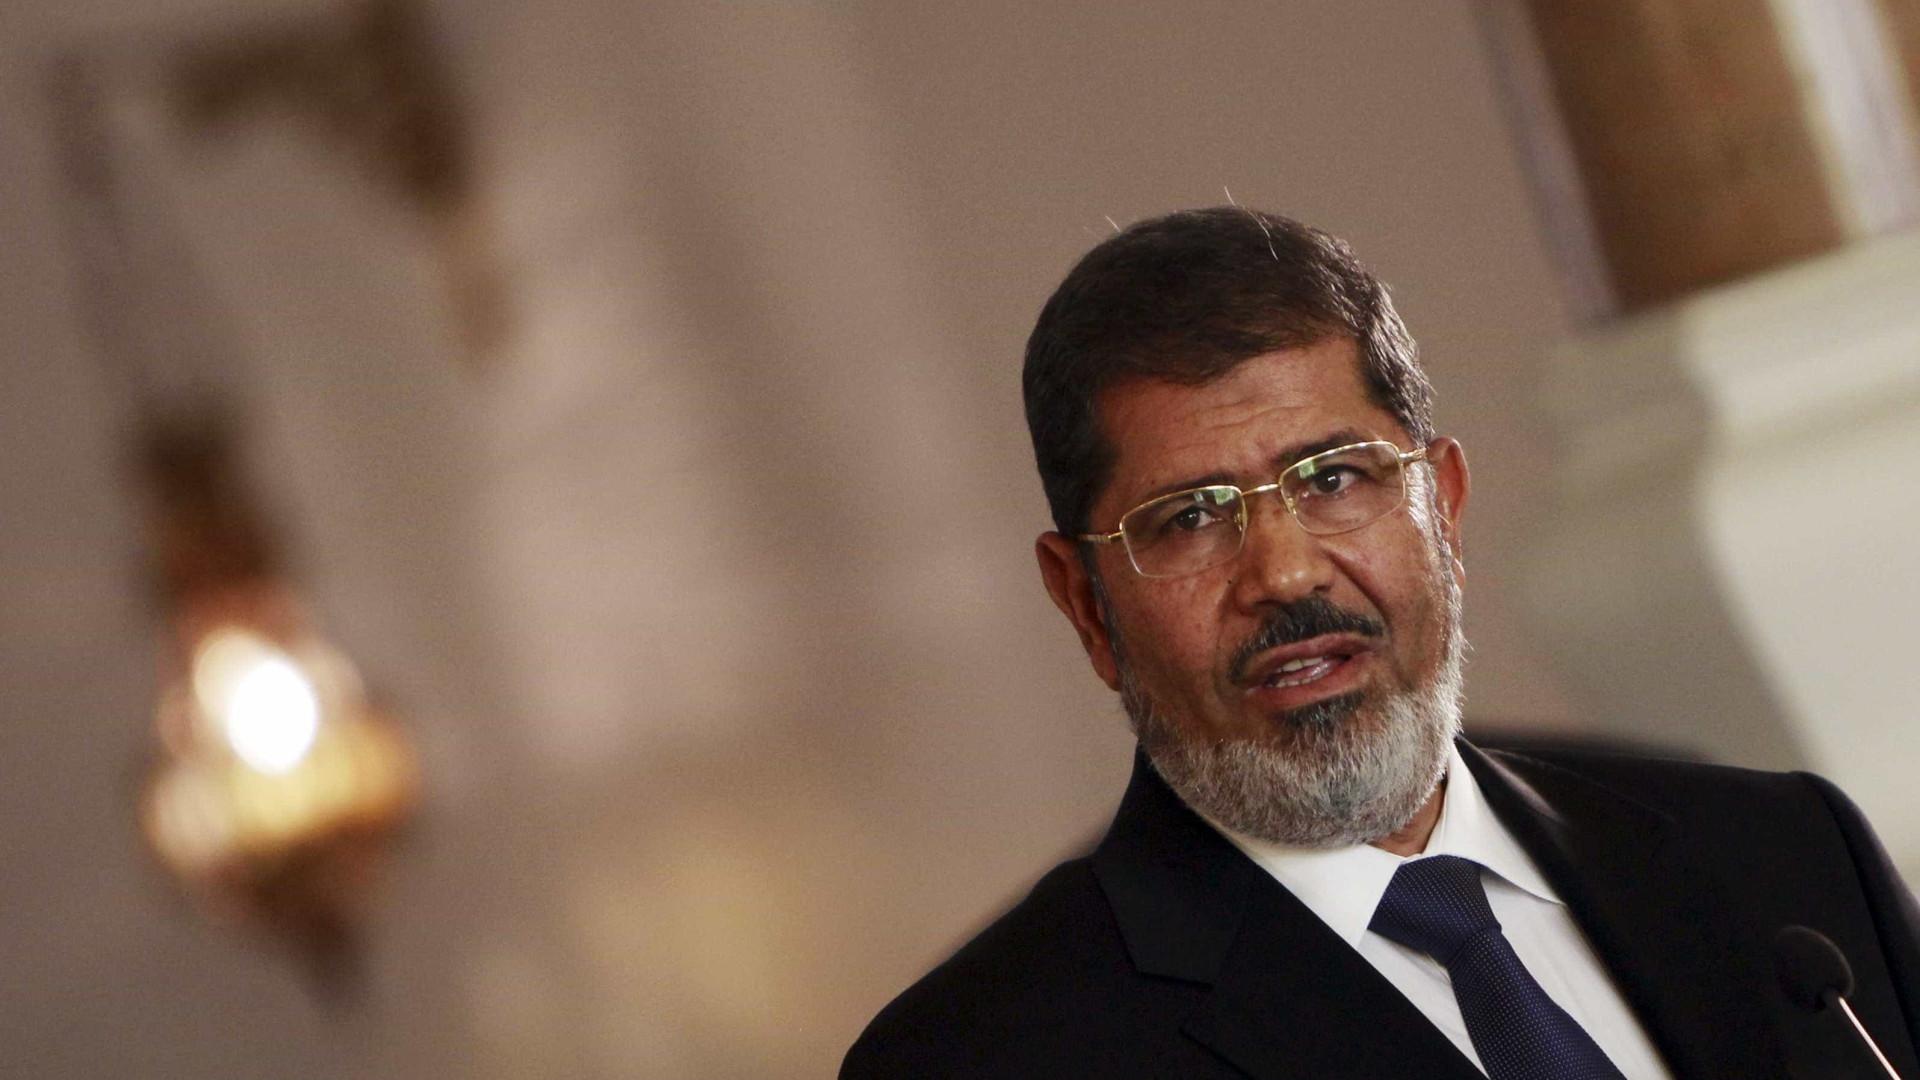 Repressão instalou-se no Egito desde afastamento de Morsi em 2013